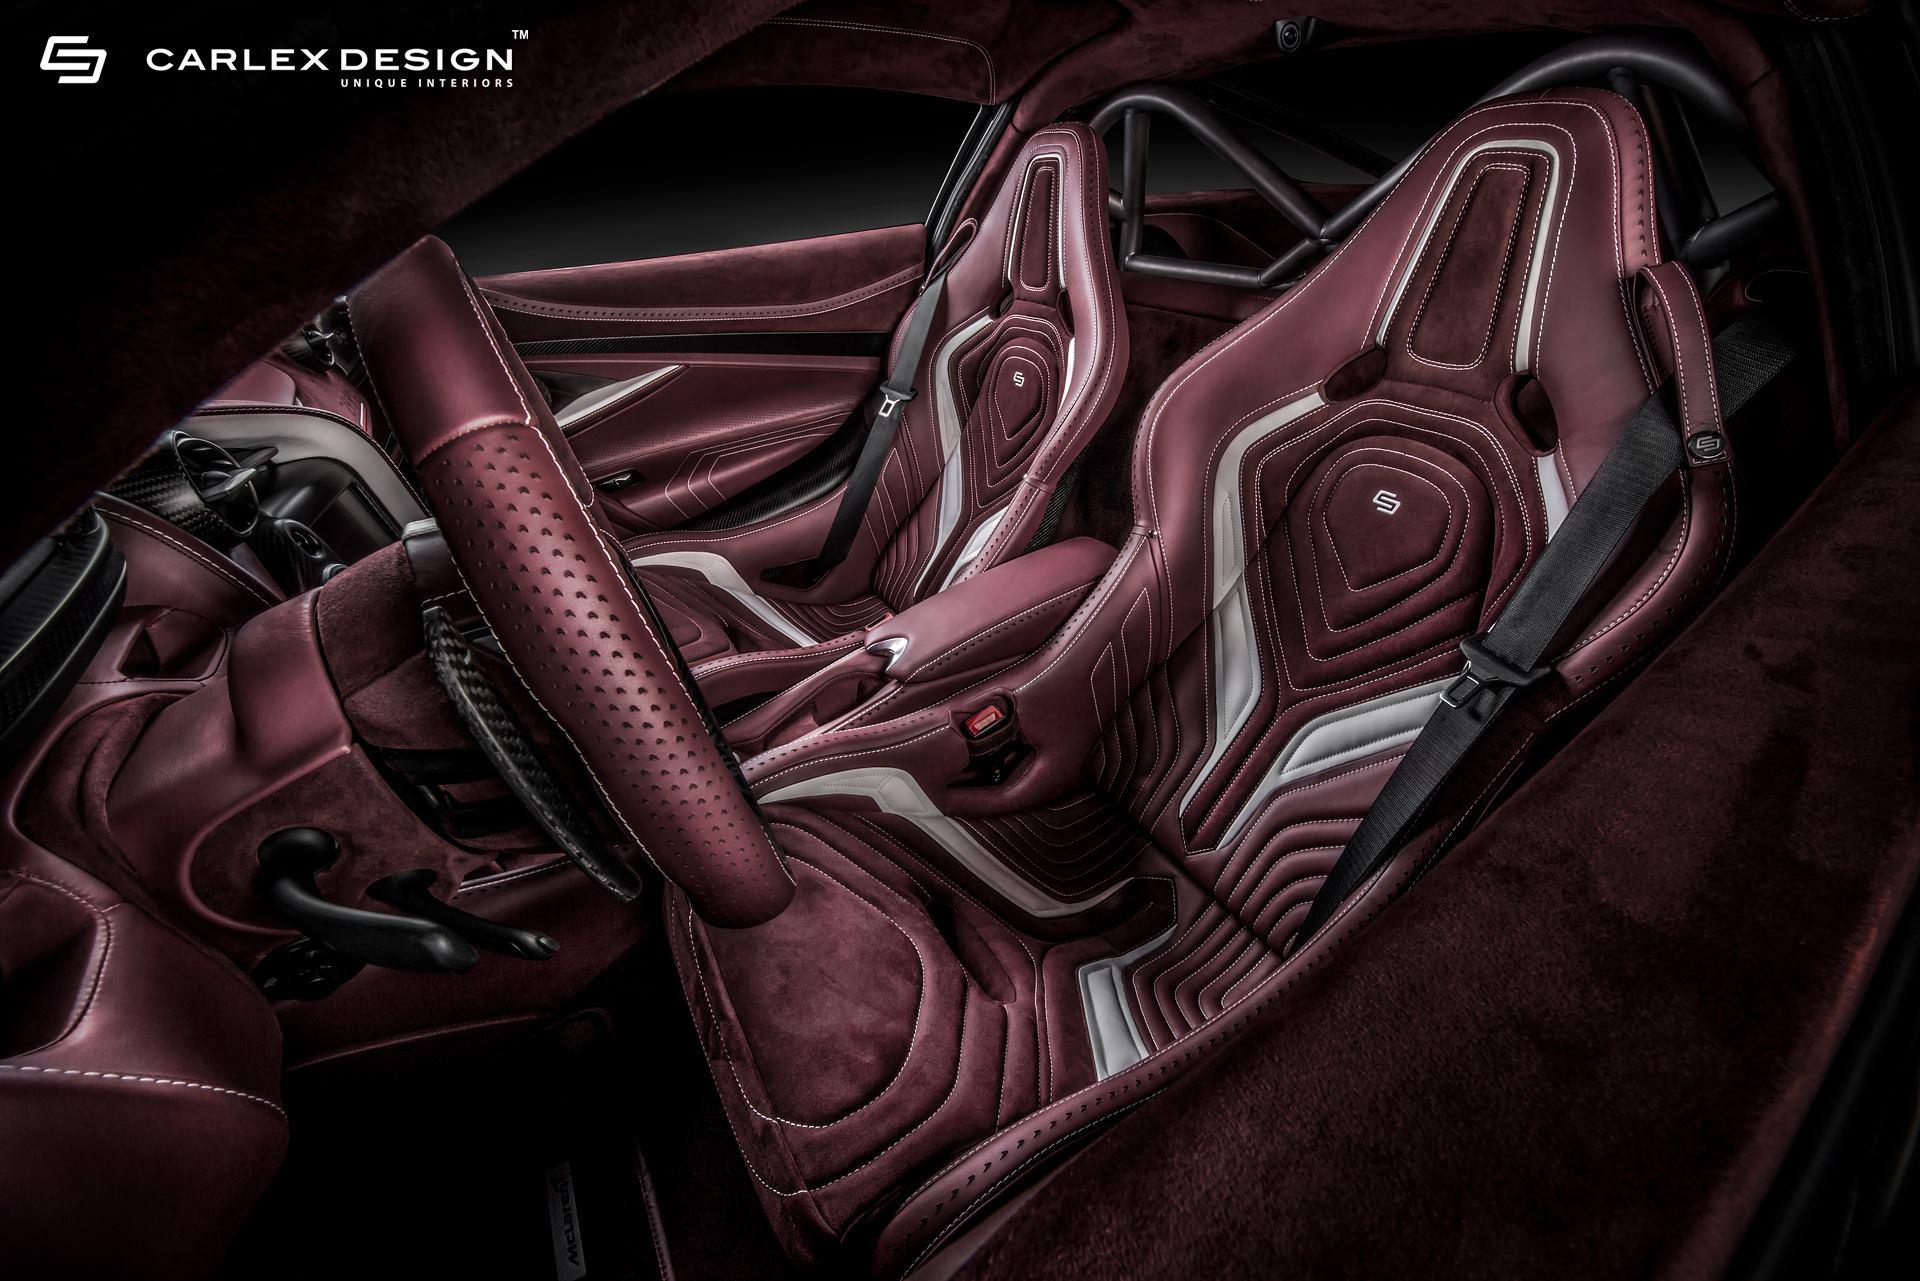 720S McLaren получает темно-красный интерьер с невероятно сложной прострочкой.